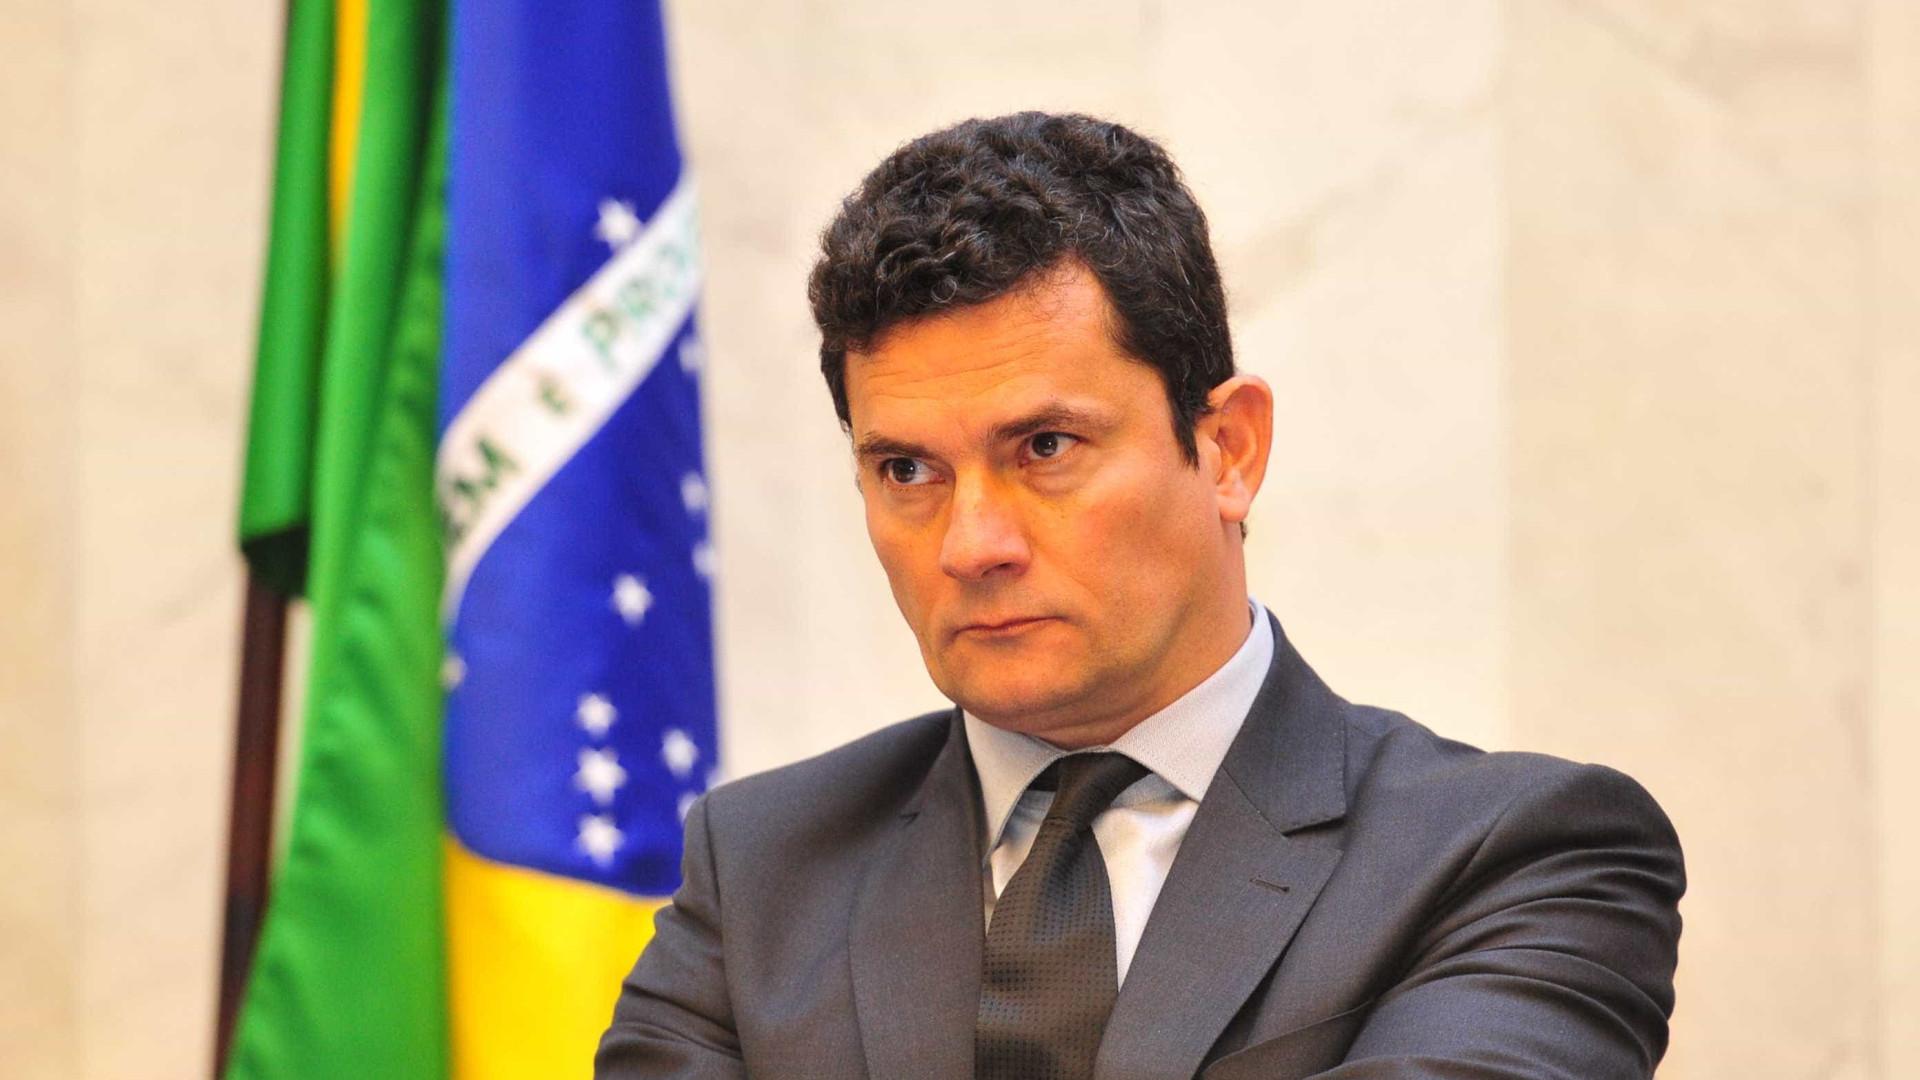 Moro anuncia 'Plano Real' contra alta criminalidade